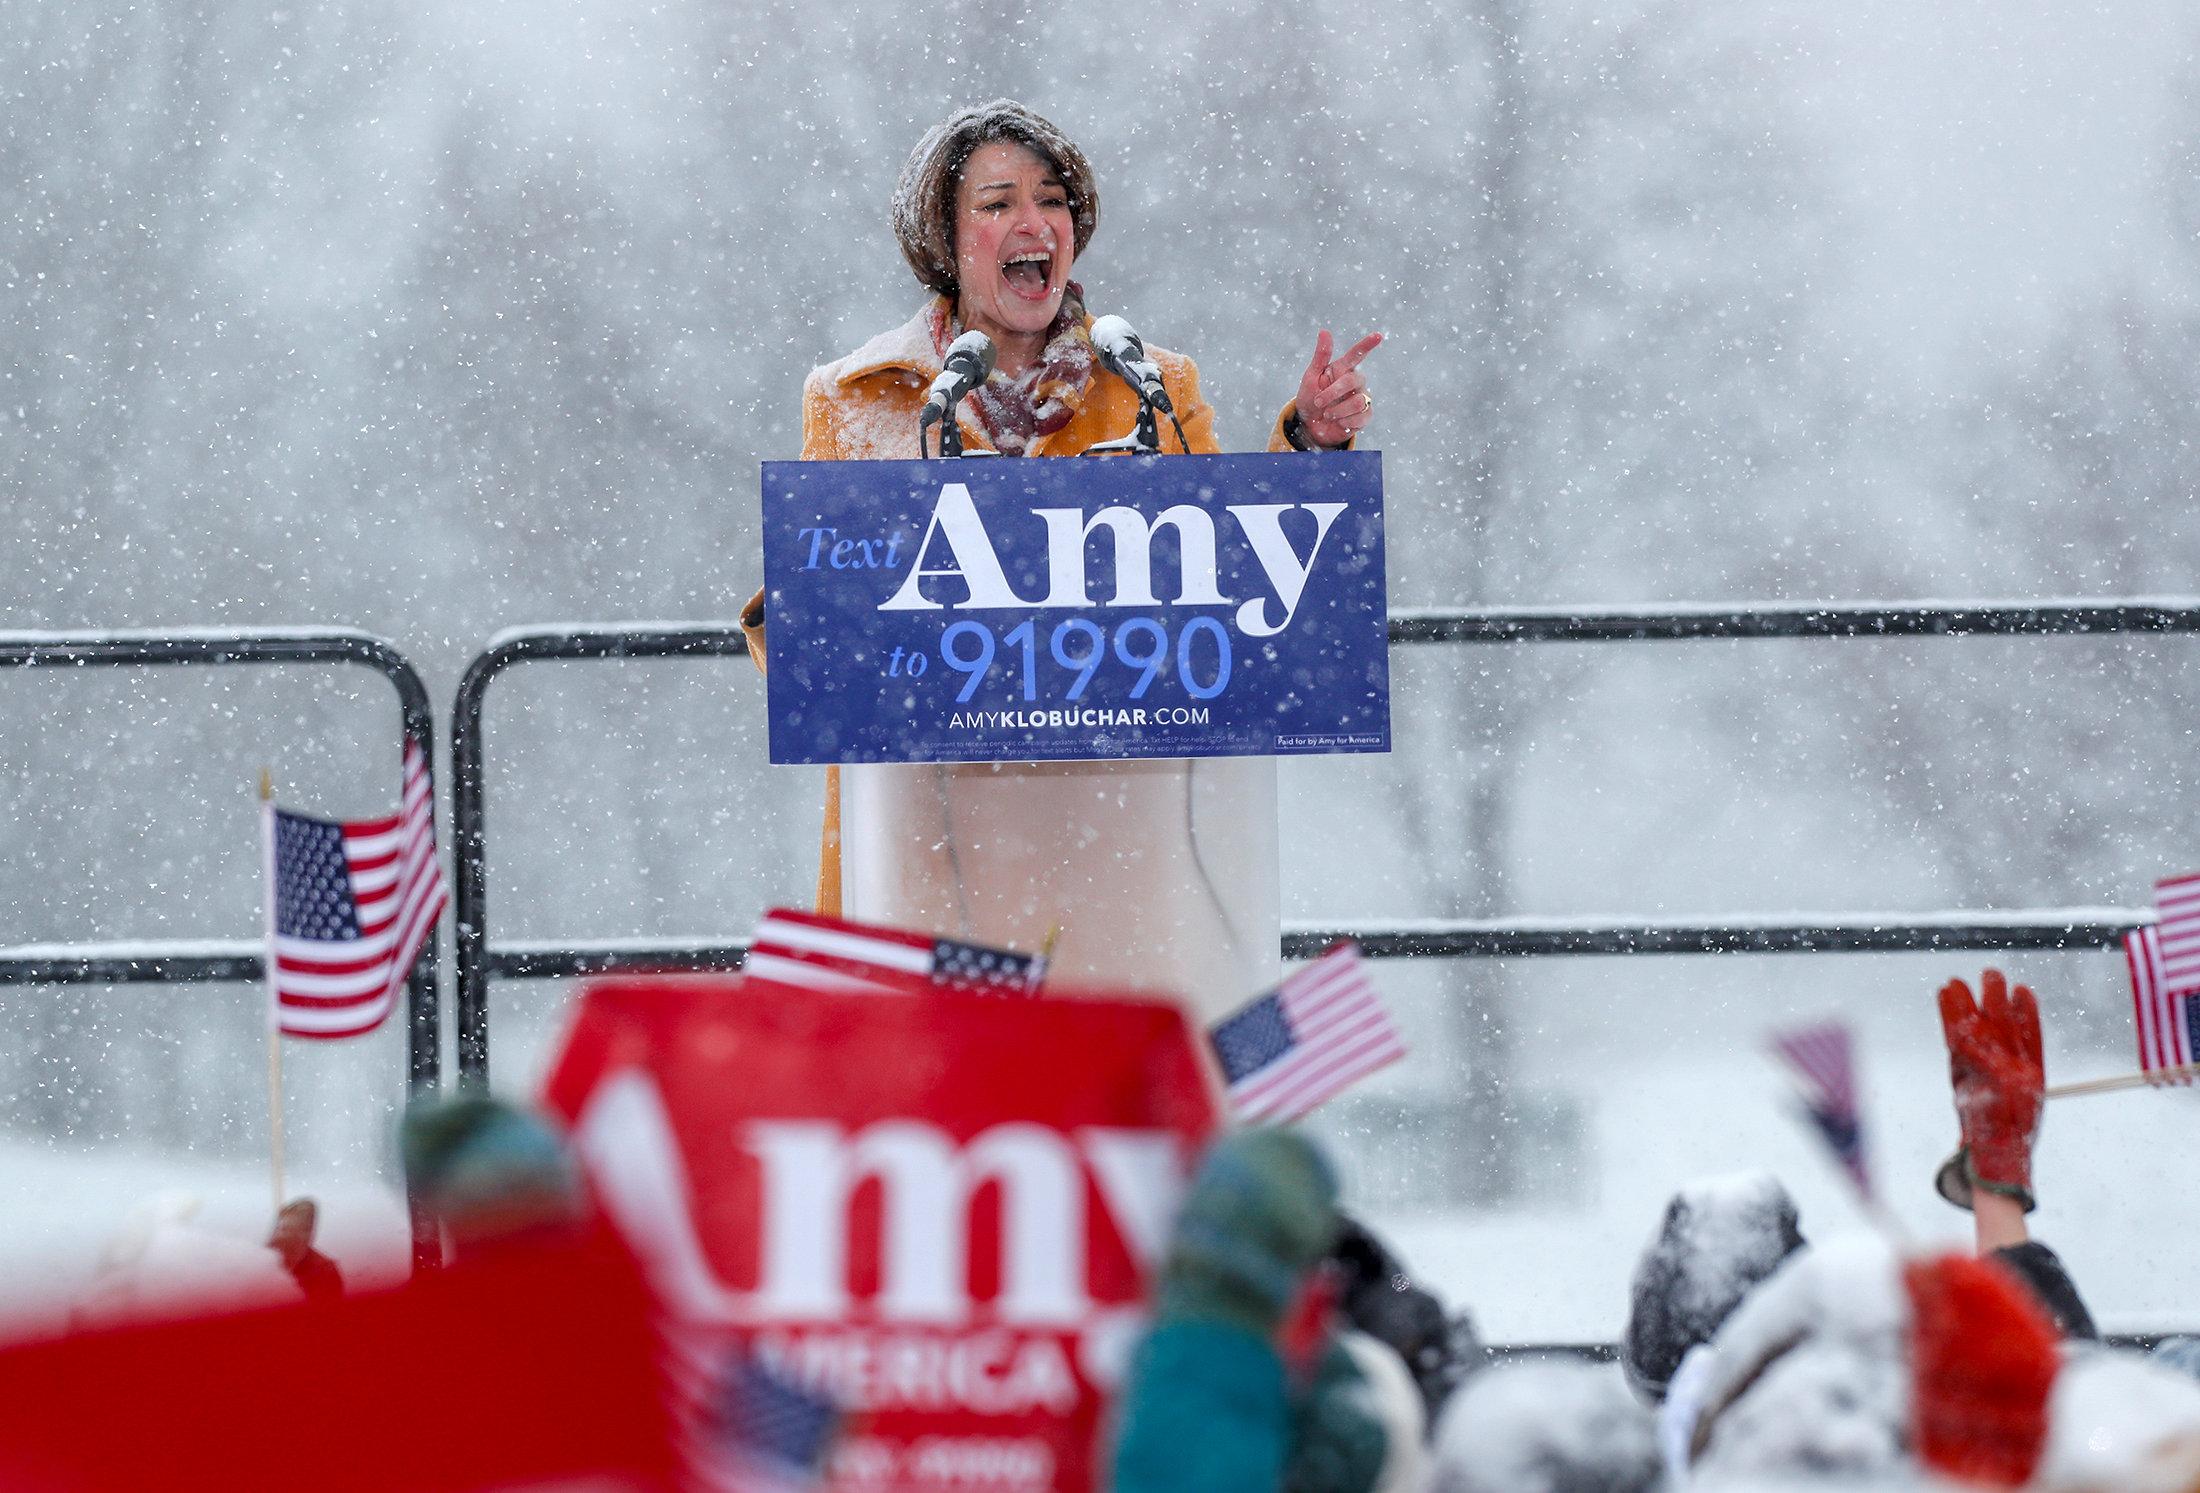 السيناتور إيمى تعلن منافسة ترامب (6)